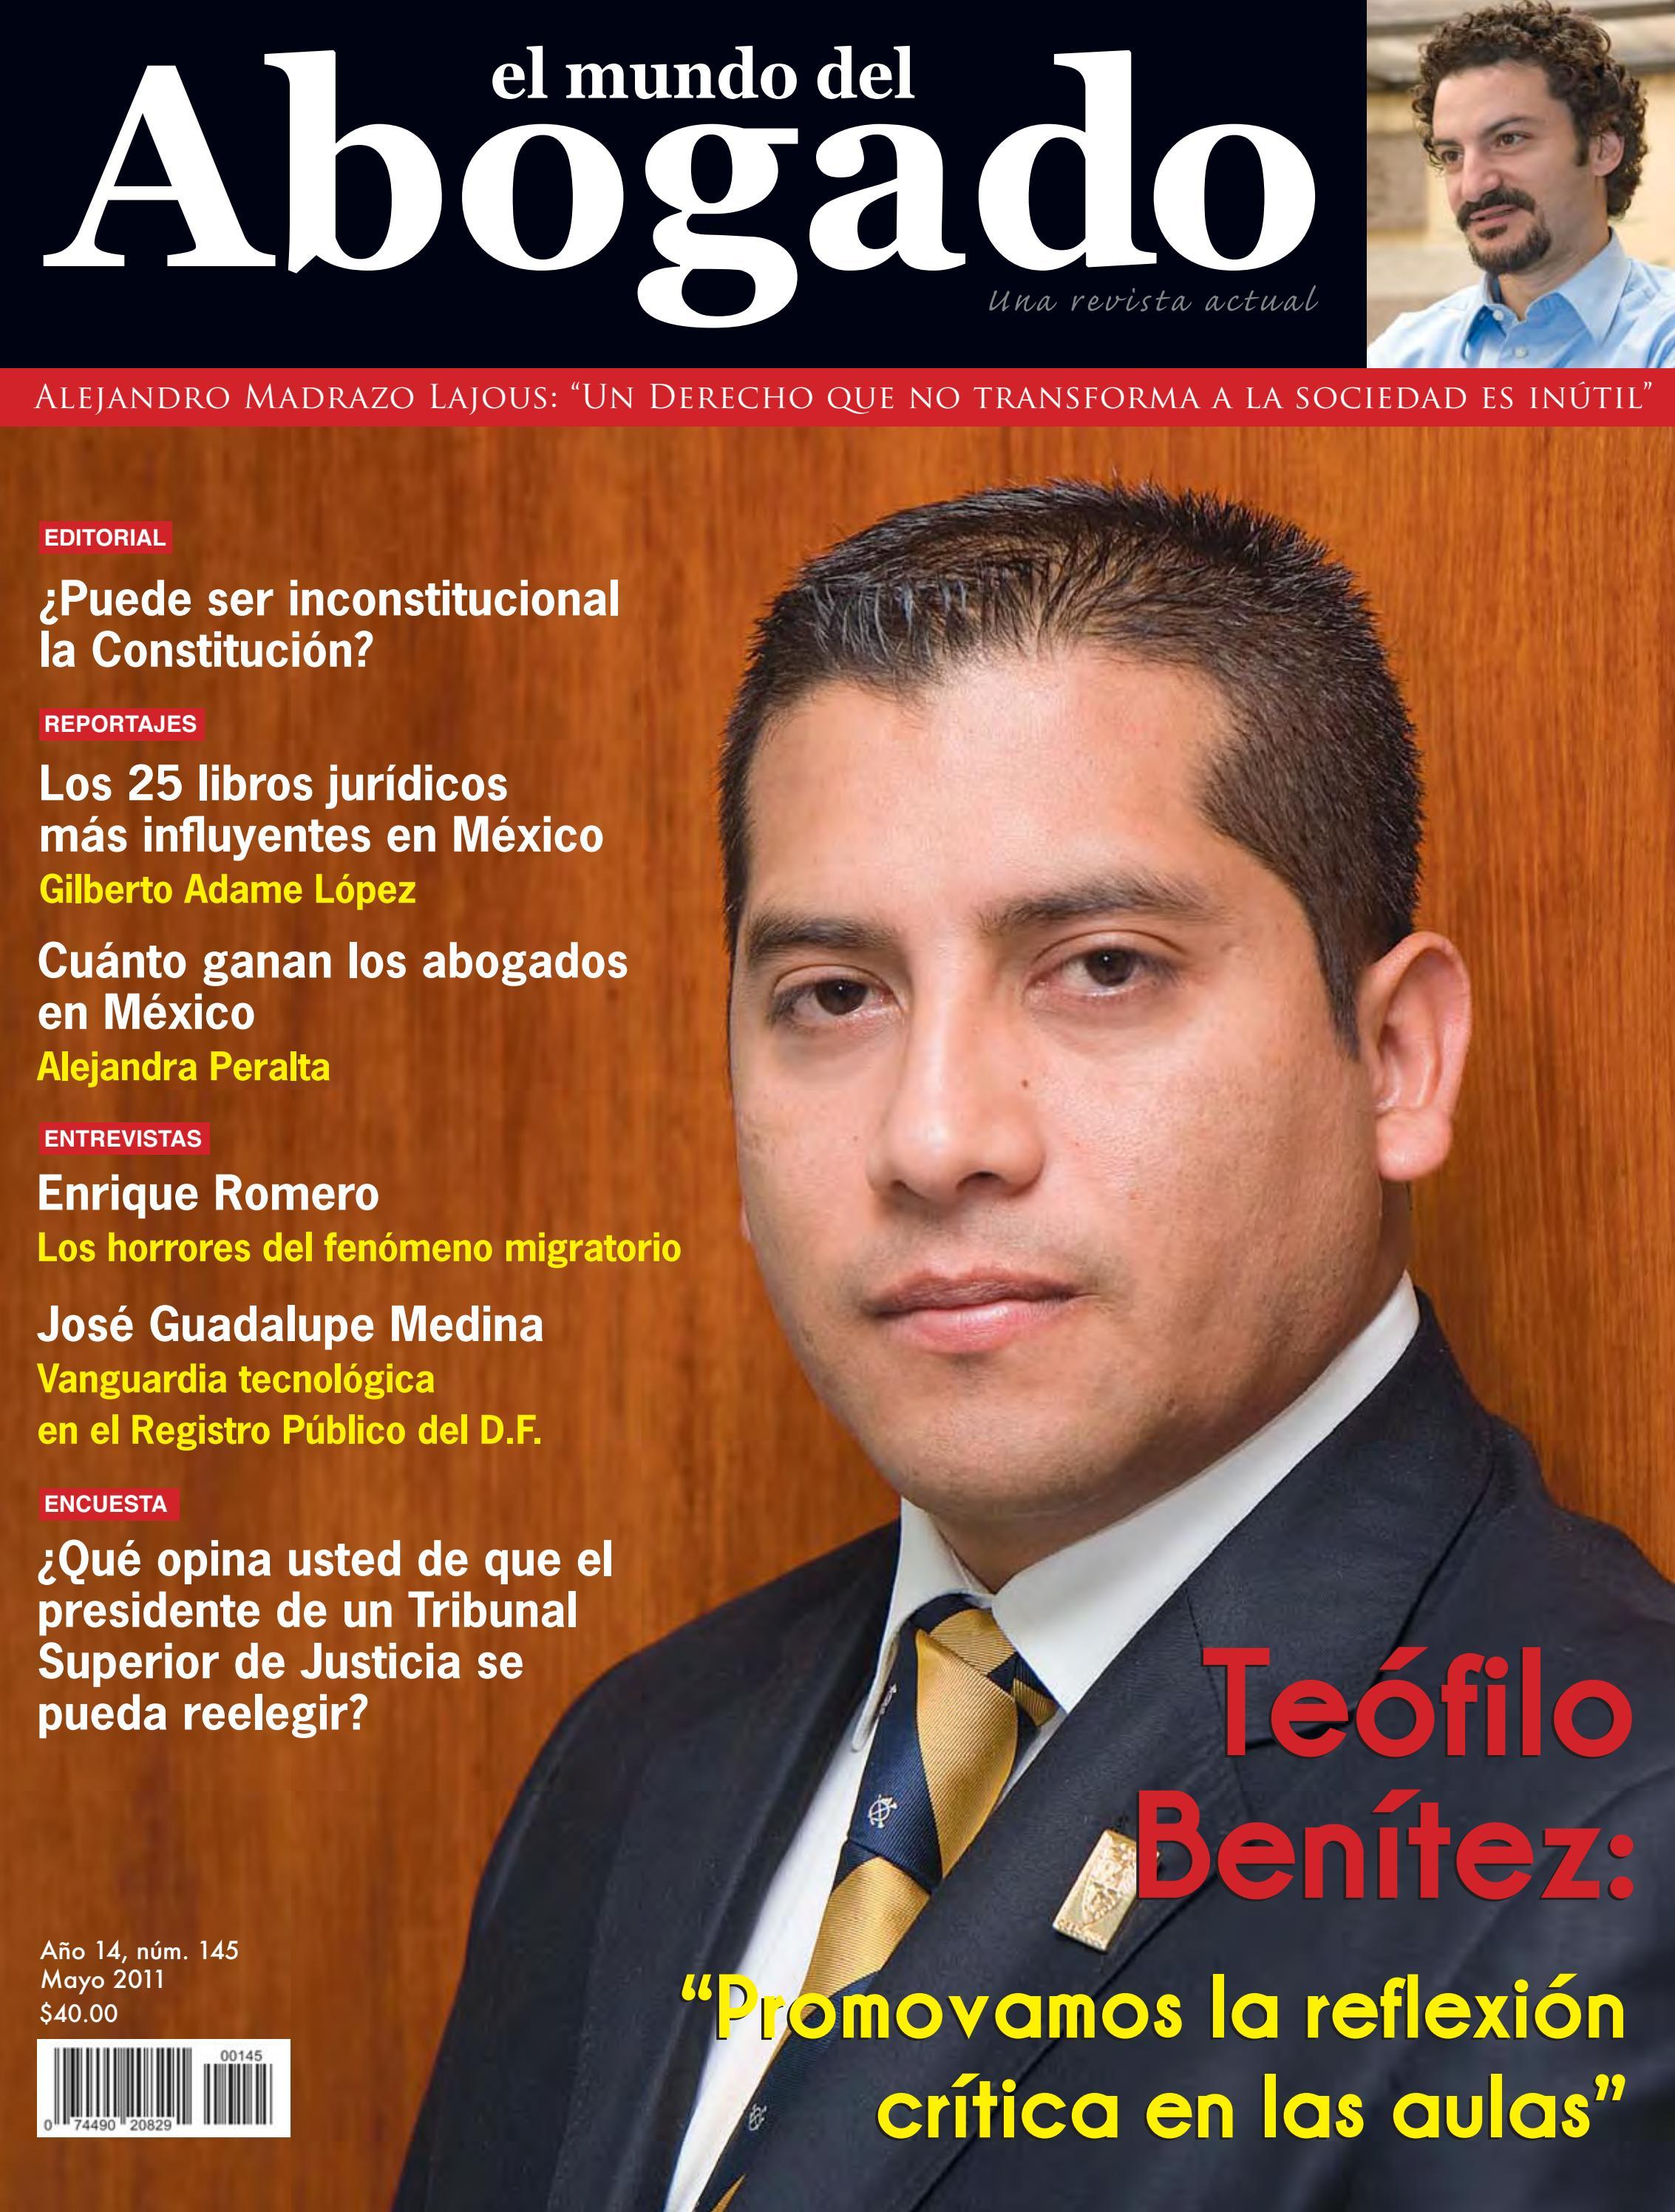 Edición #145 - Mayo 2011 by El Mundo del Abogado - issuu